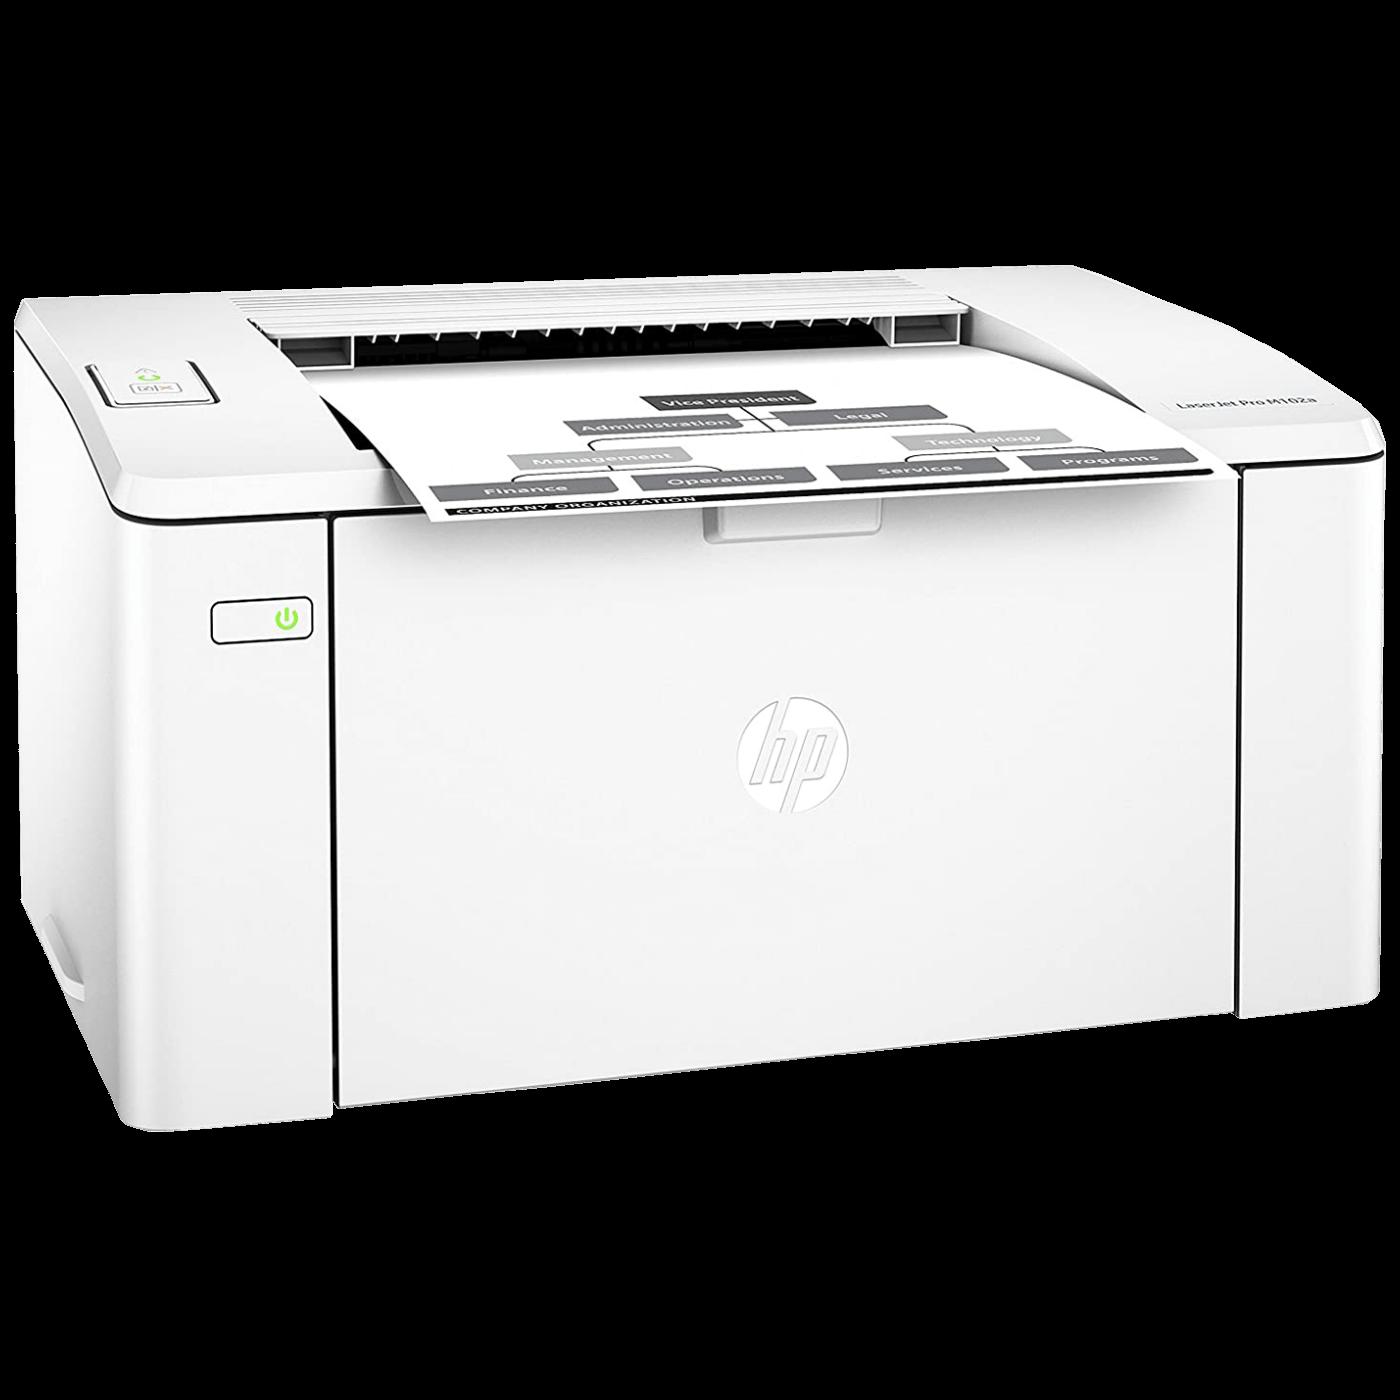 Printer laser, LaserJet M102a (G3Q34A)